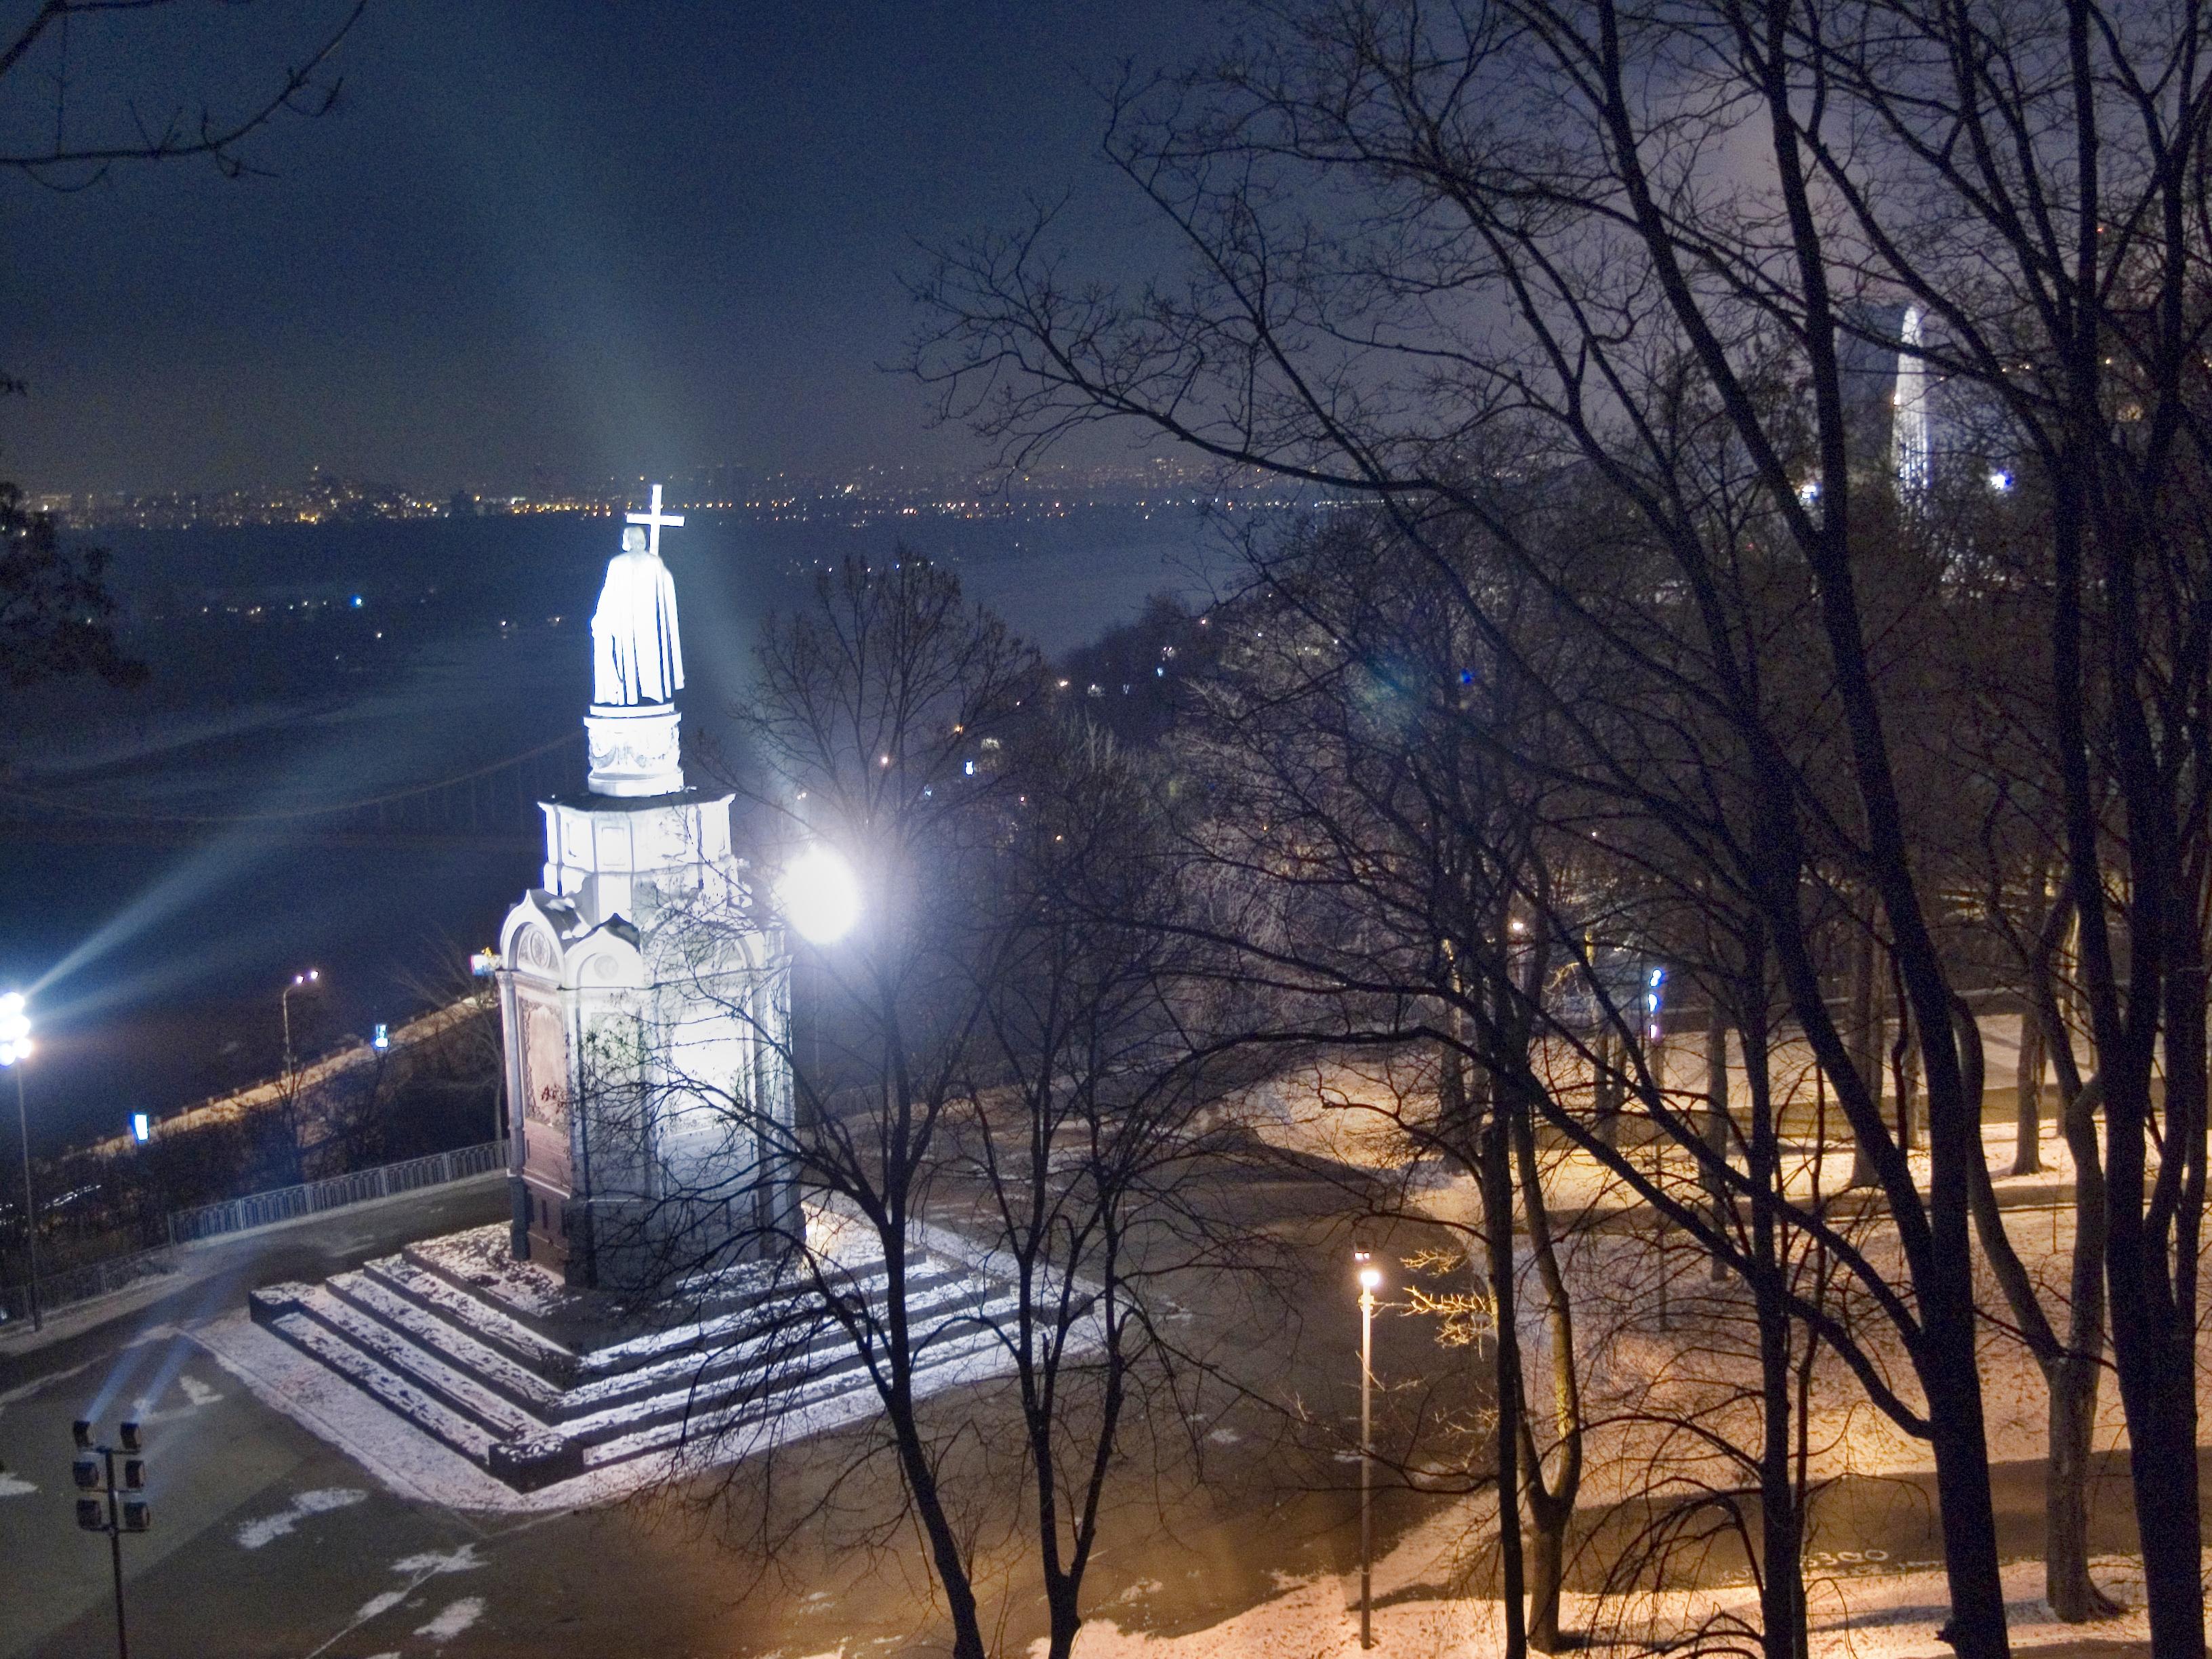 популярность объясняется фото памятников киева ночью или ведьмино